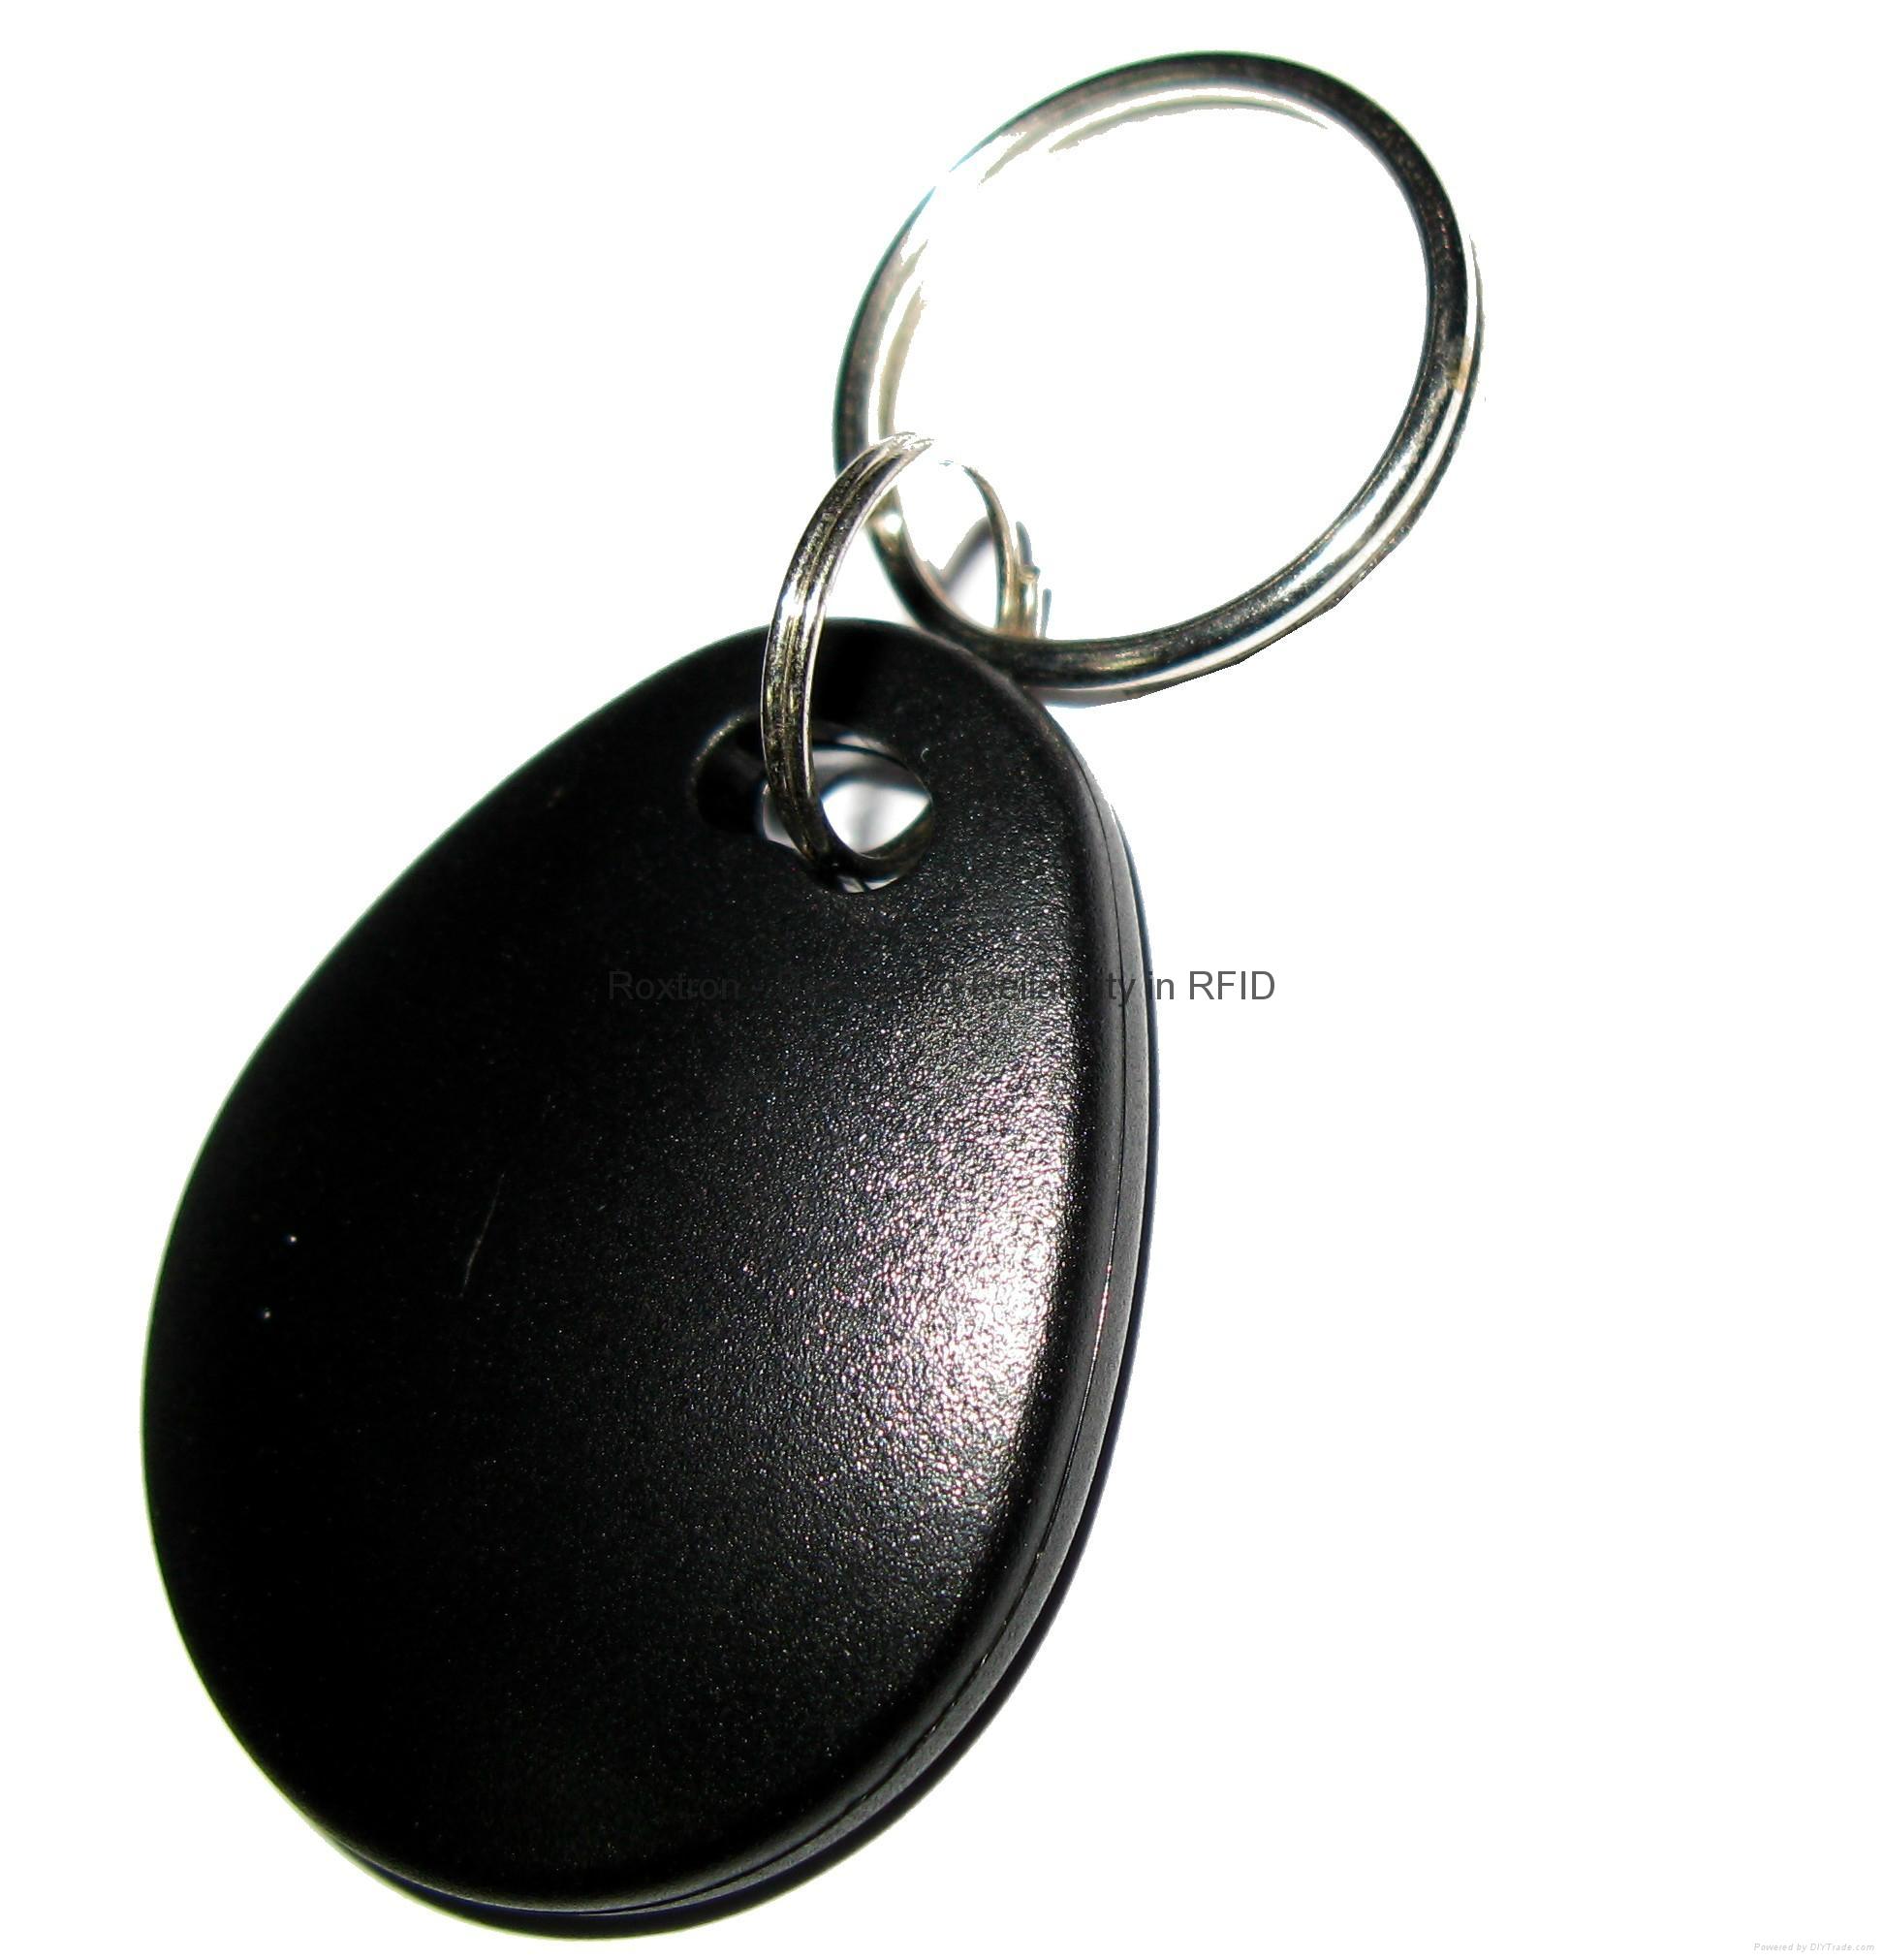 MIFARE Mini RXK03 Key Tag 15